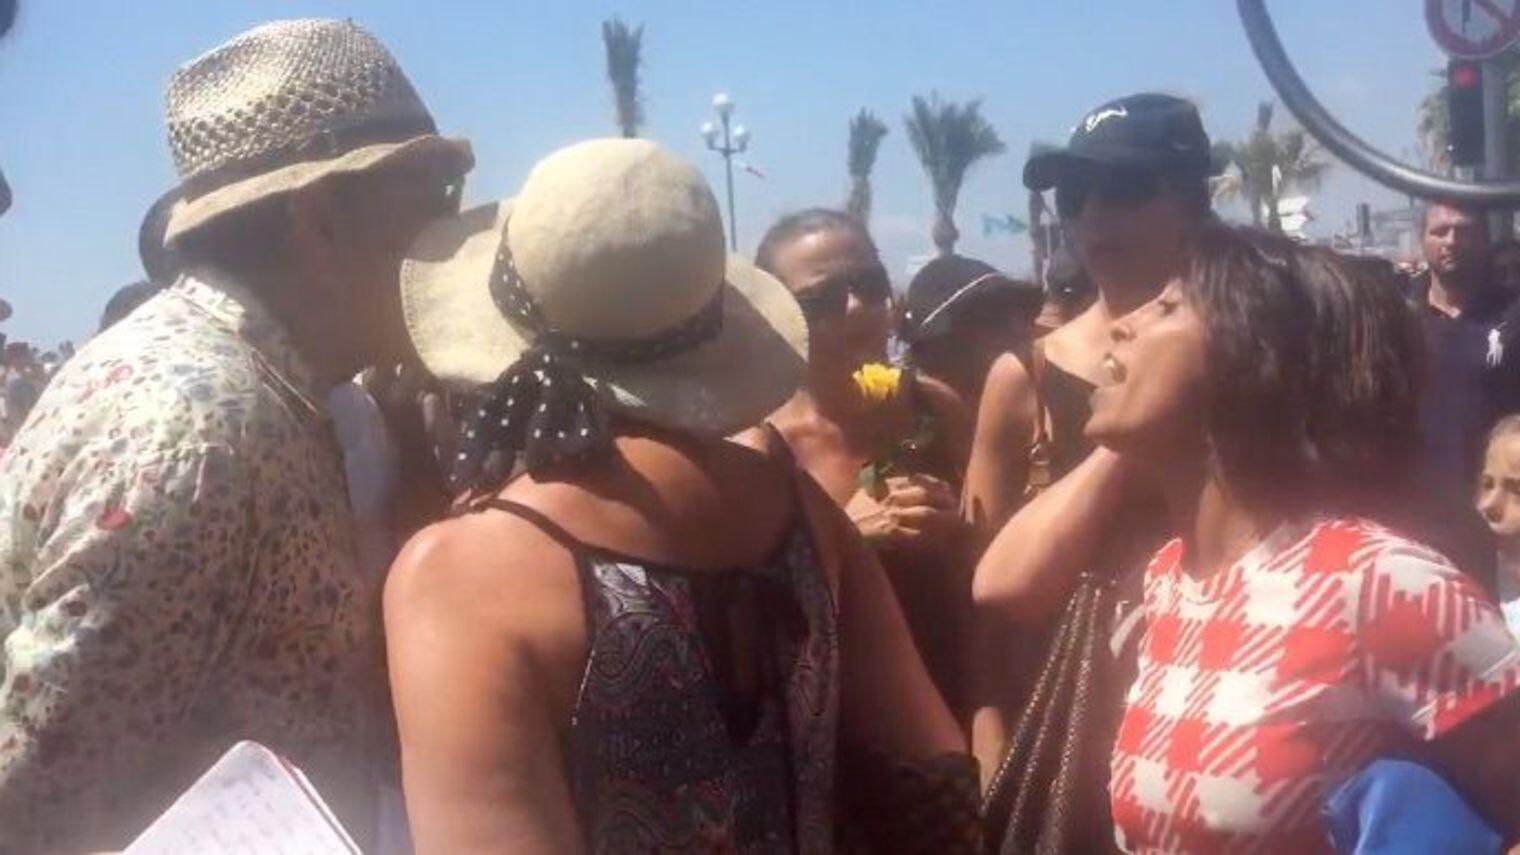 """Homem diz para mulher """"voltar para o seu país"""" após homenagem às vítimas em Nice"""